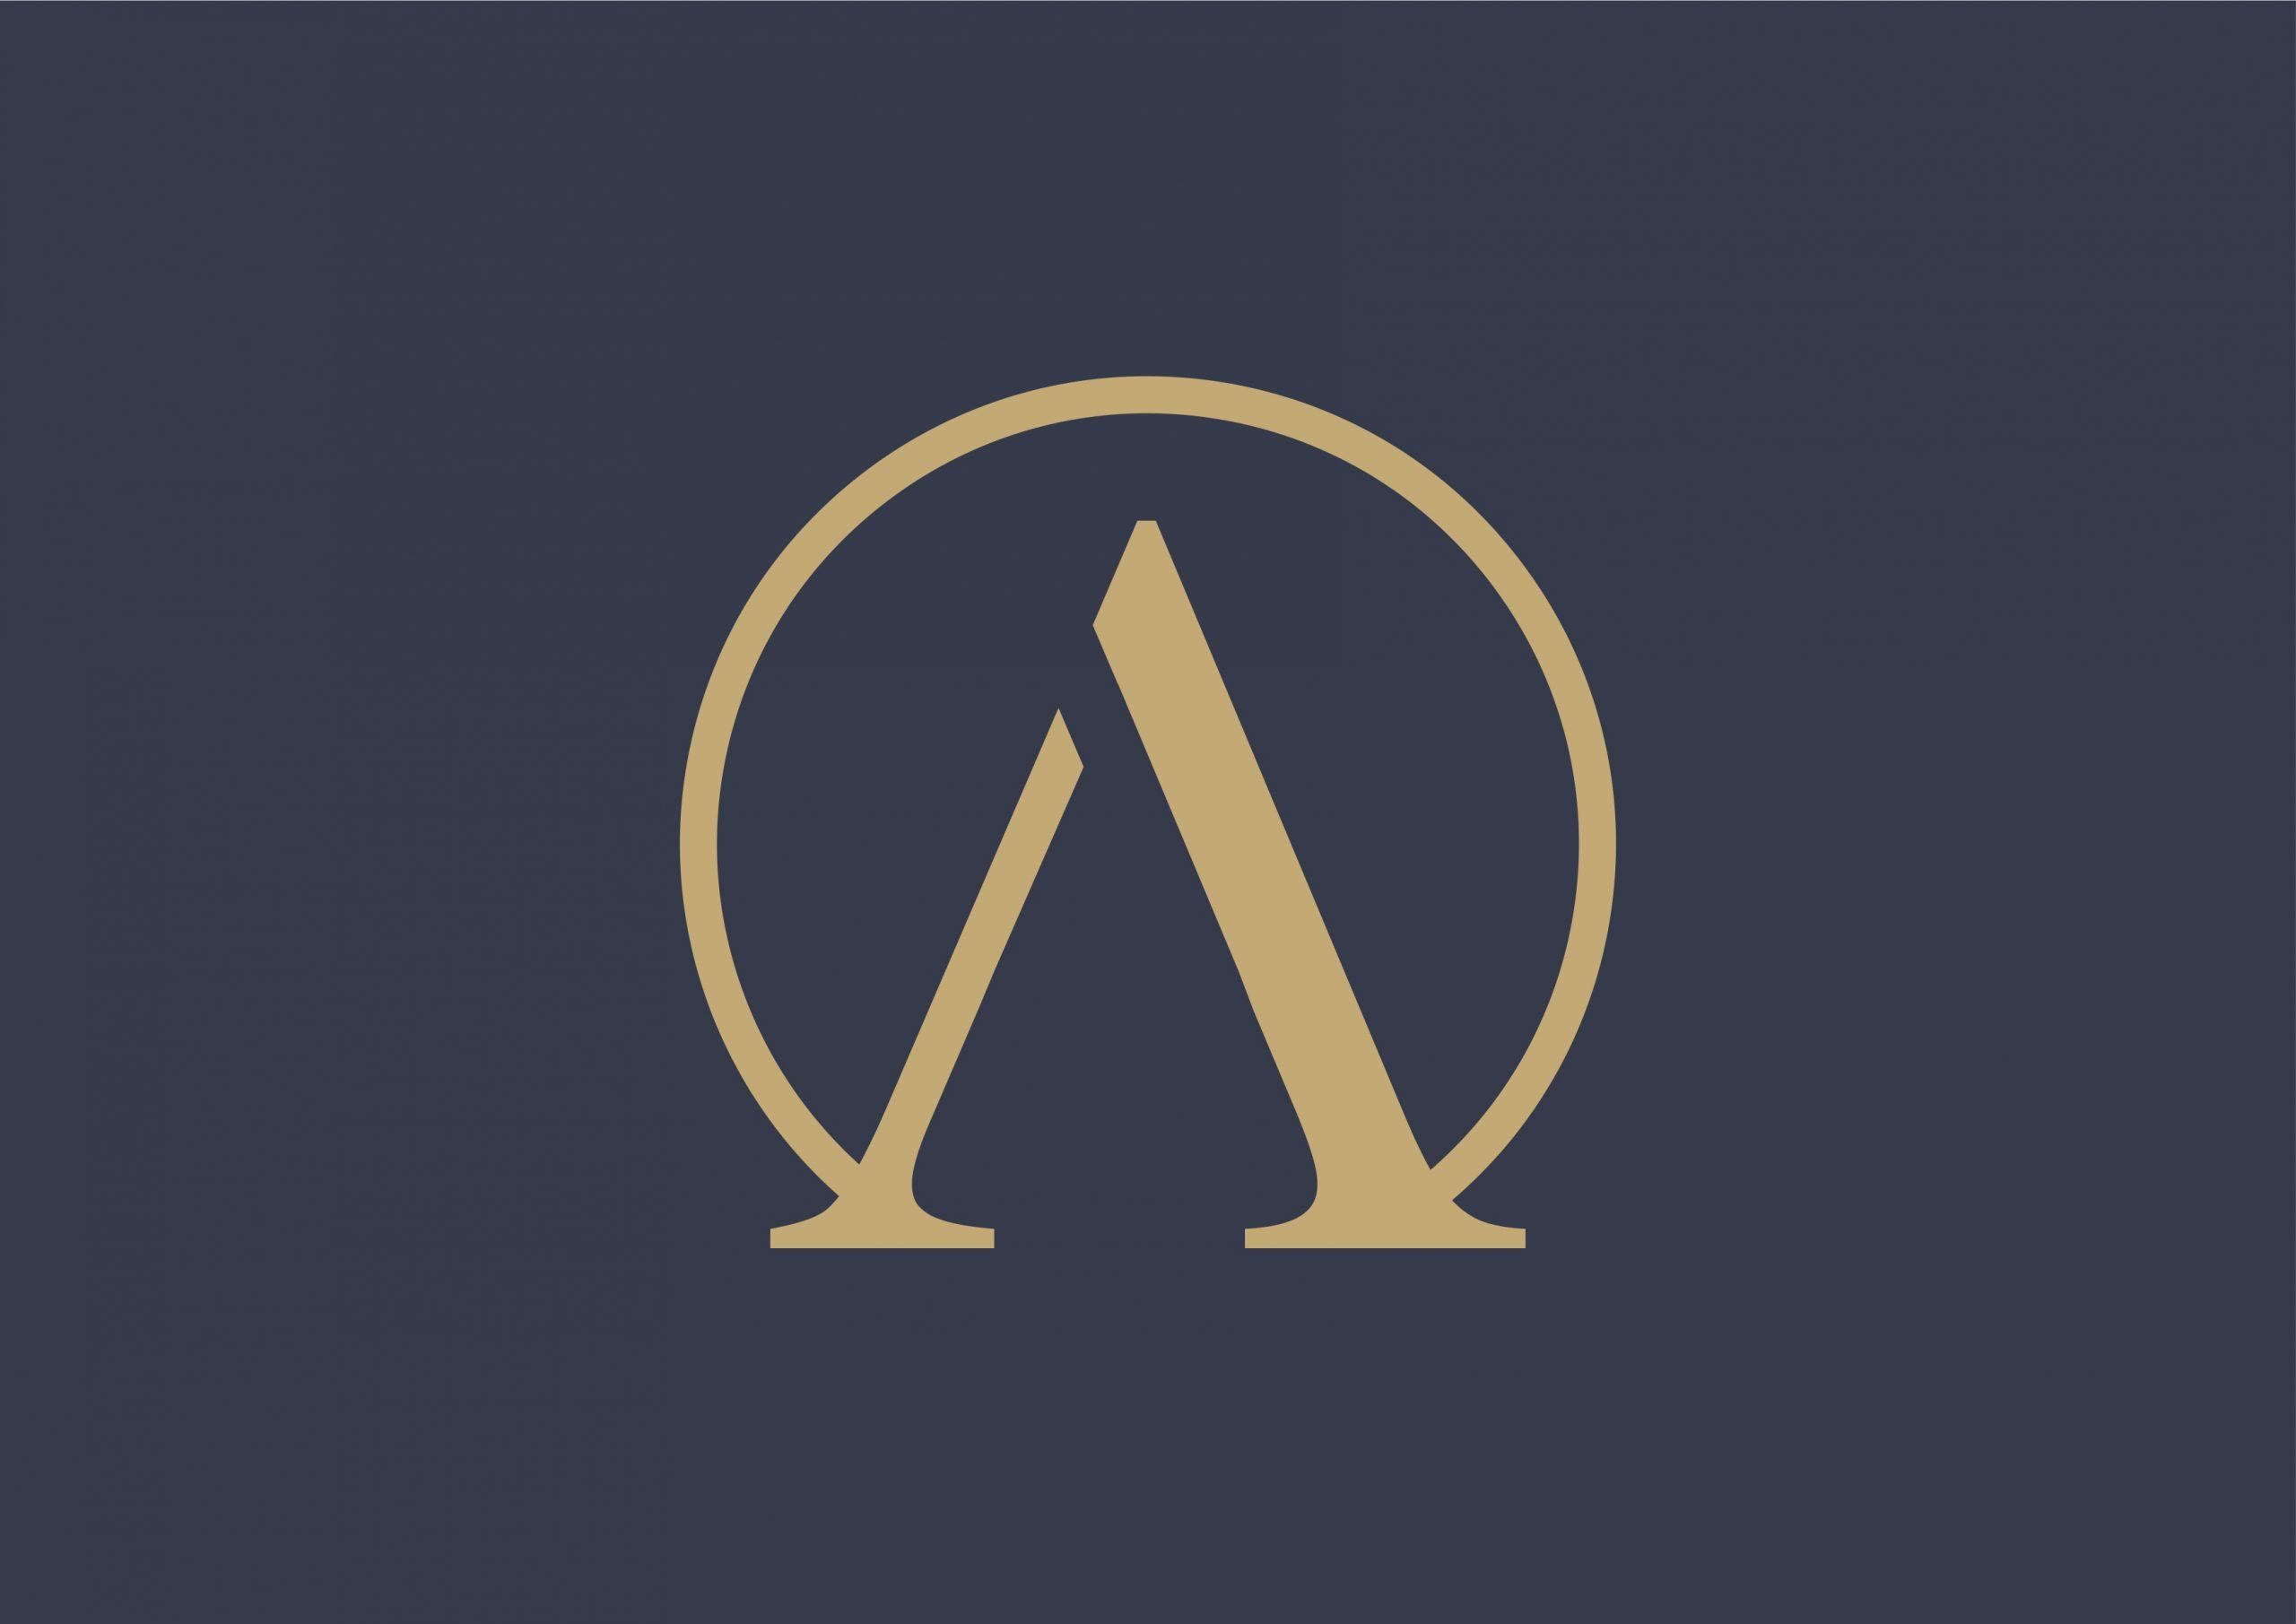 ATRIUM-navy-gold